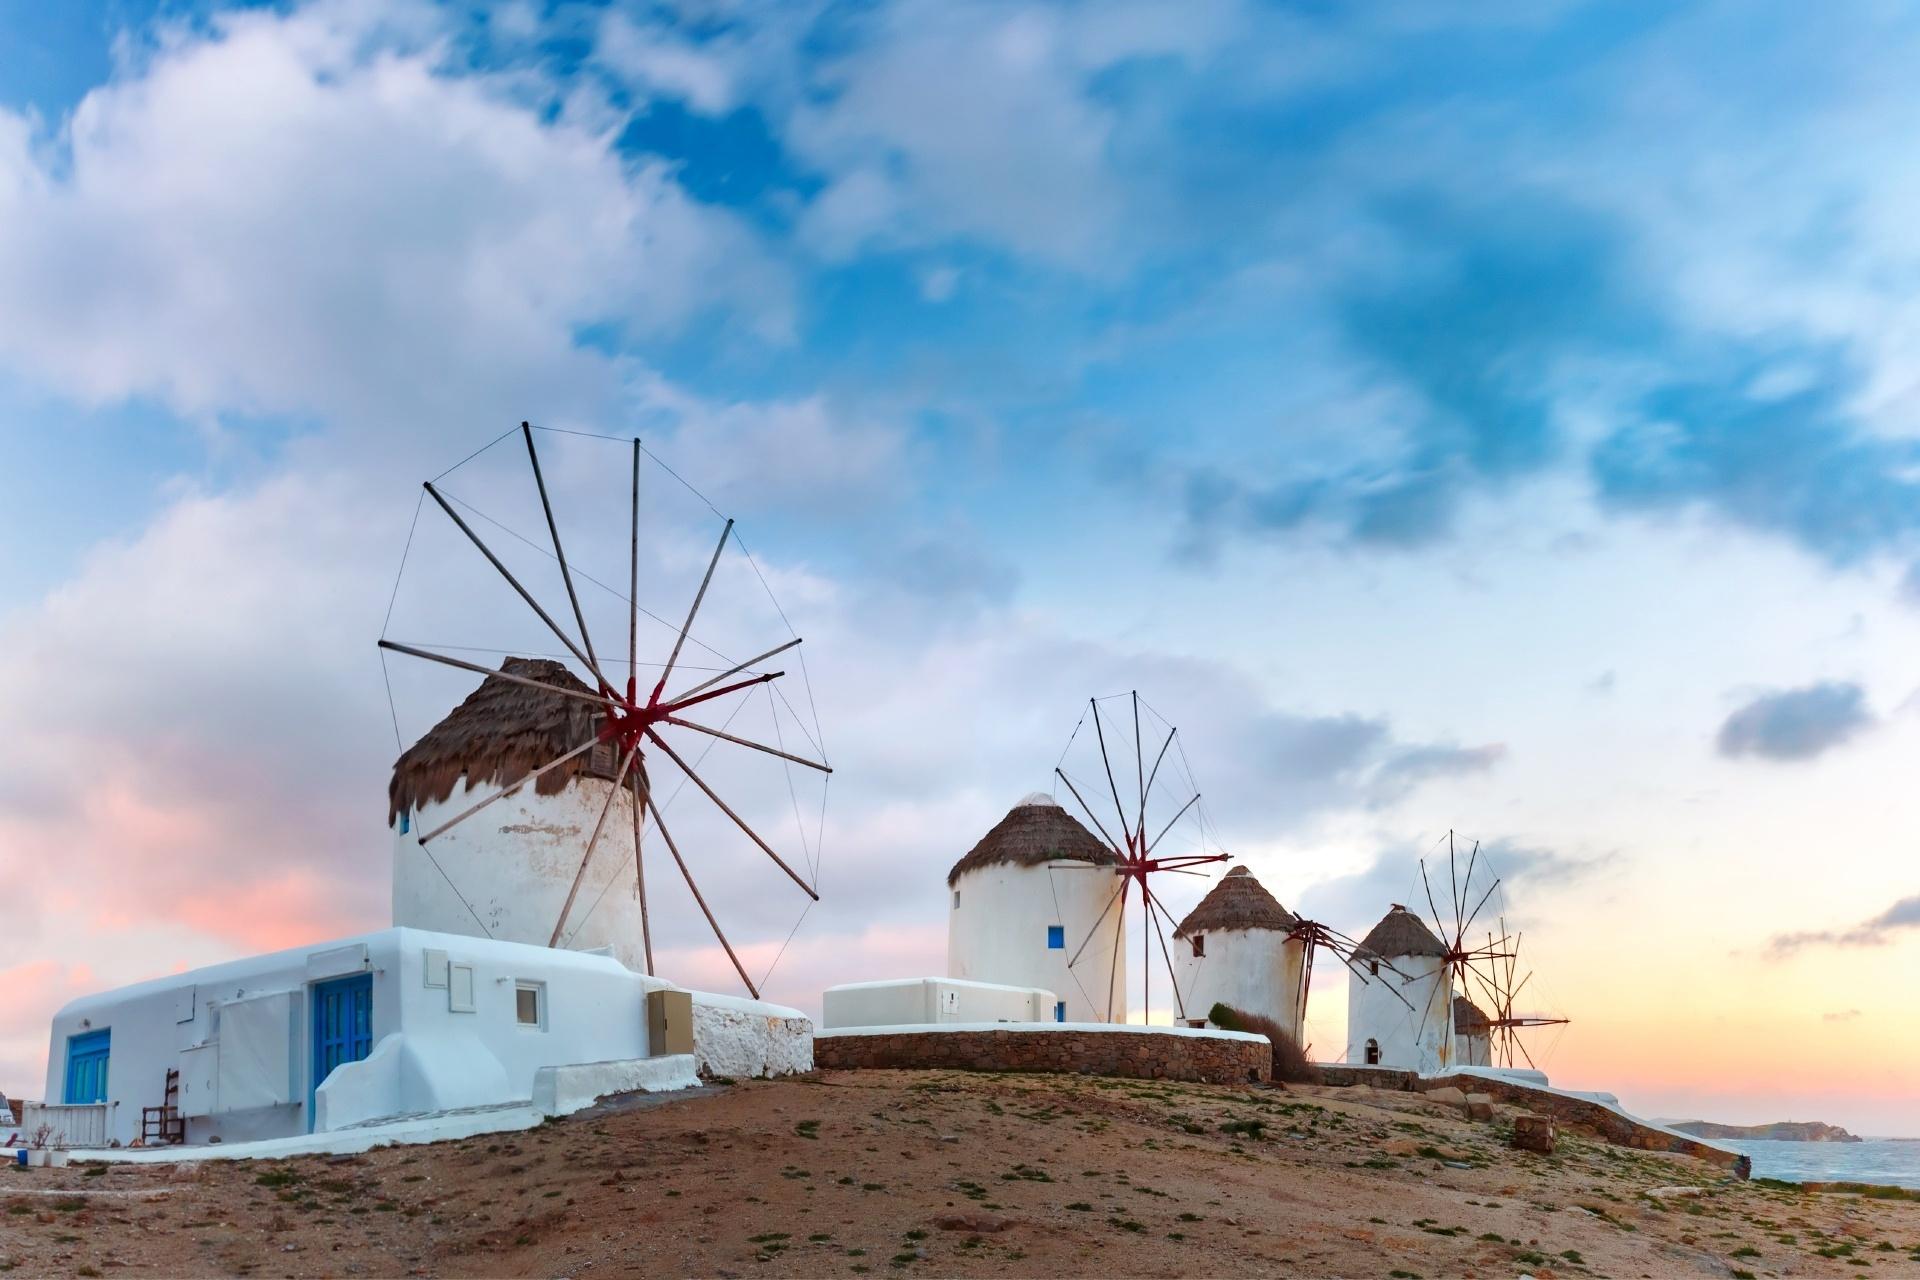 ミコノス島の伝統的な風車ある風景 「風の島」の日の出の風景 ギリシャの風景